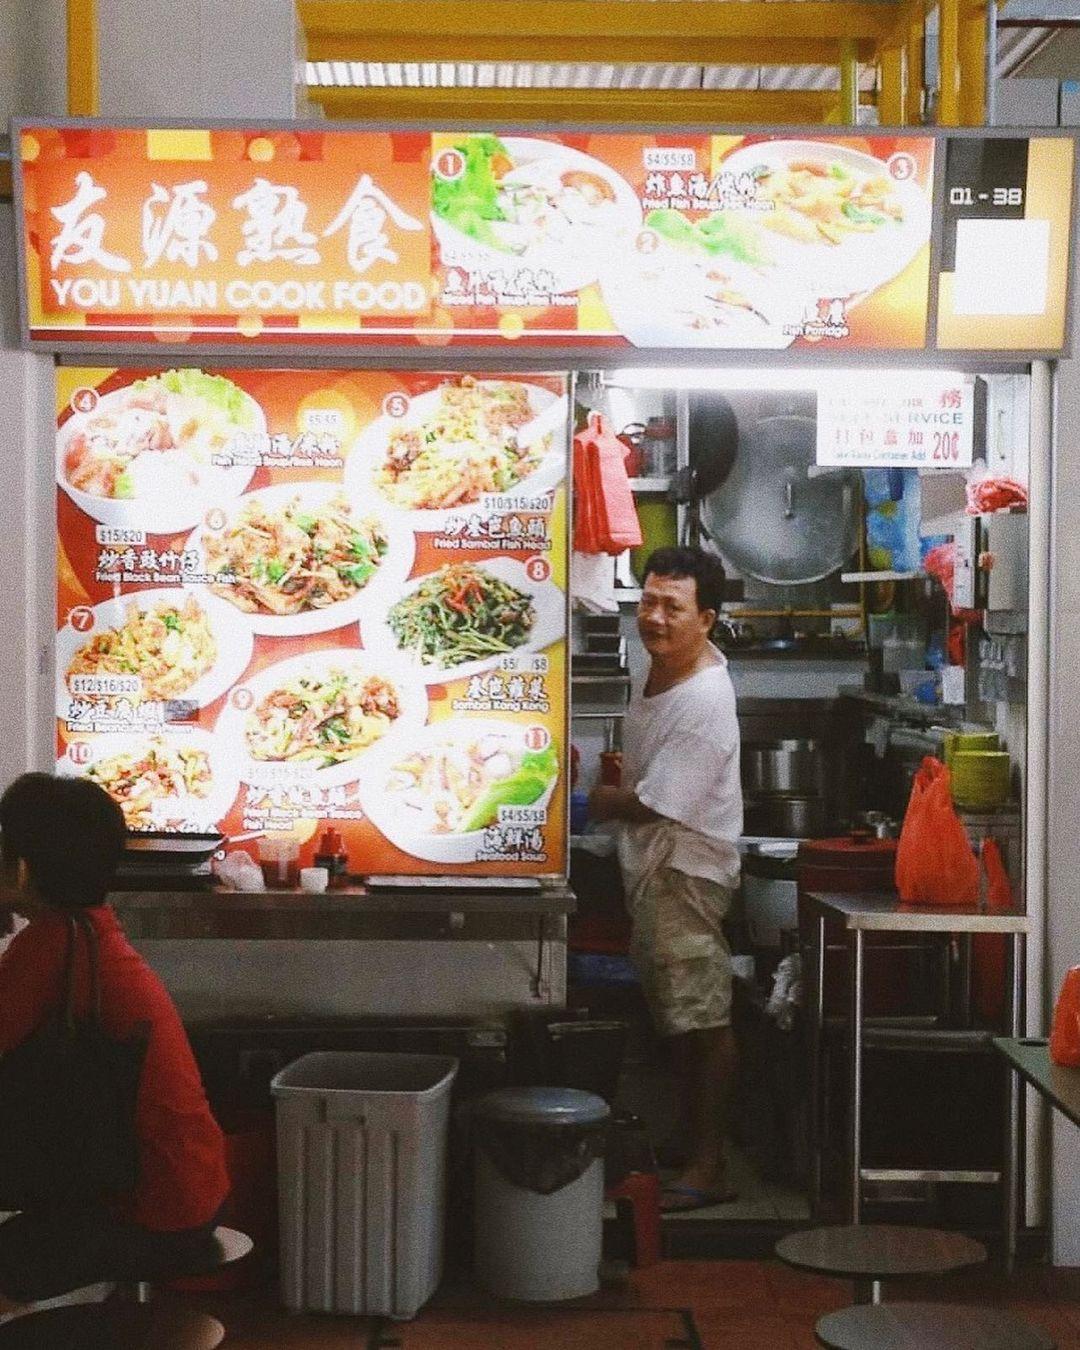 you yuan cook food